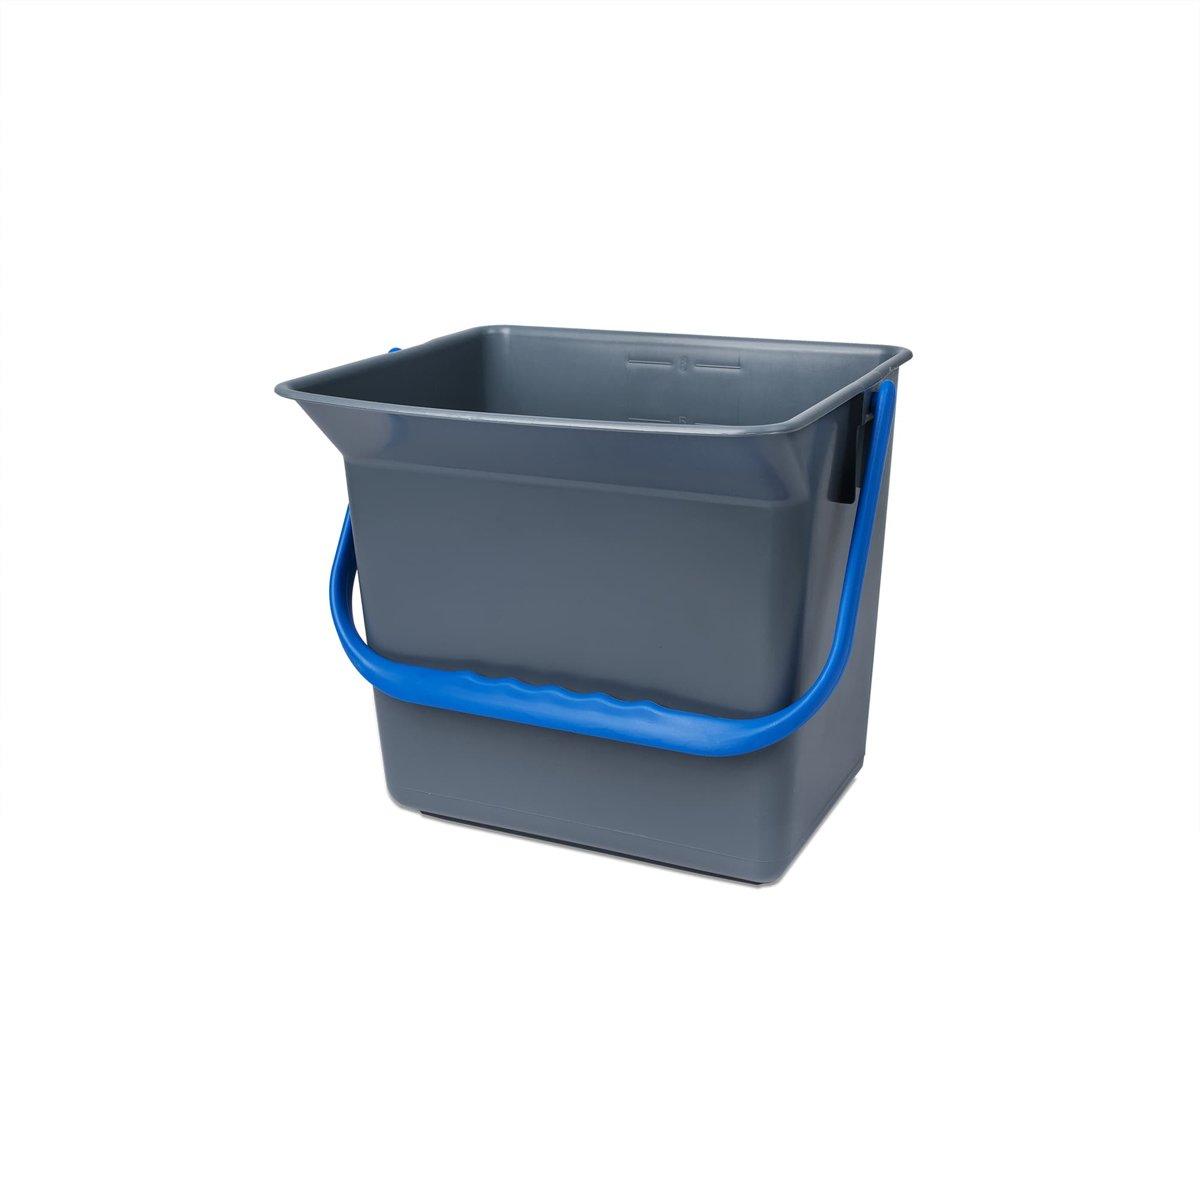 Doekemmer grijs met gekleurd hengsel - Blauw